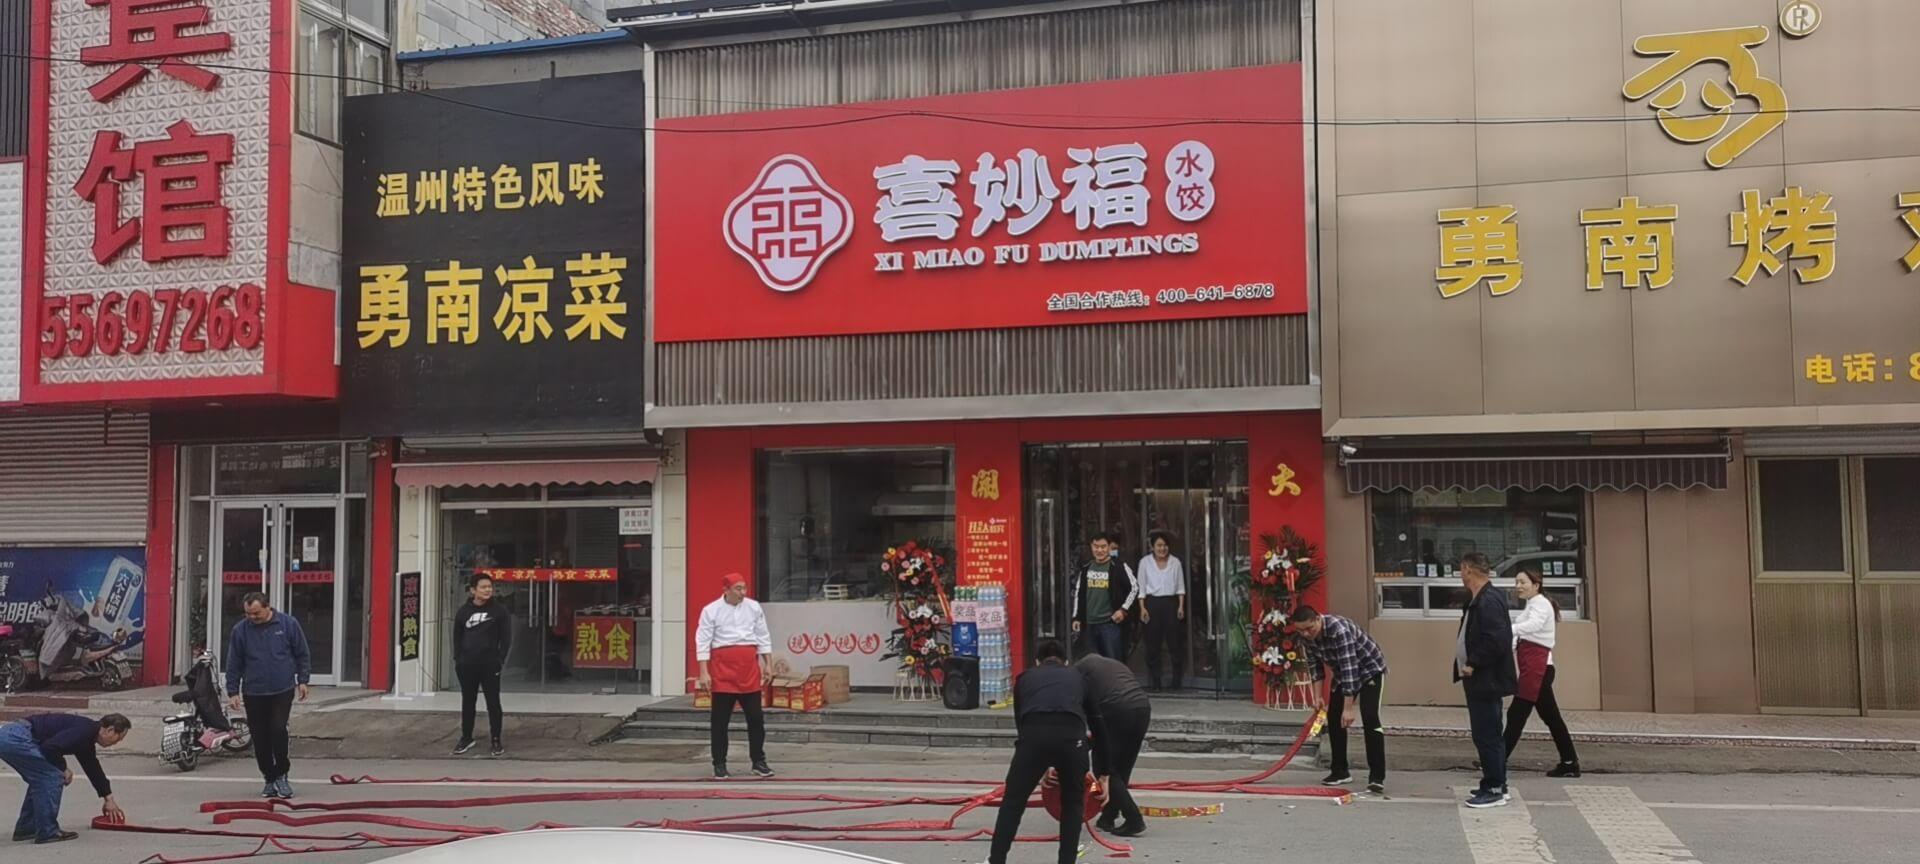 喜妙福水饺,我们是认真的--->济南孙村店